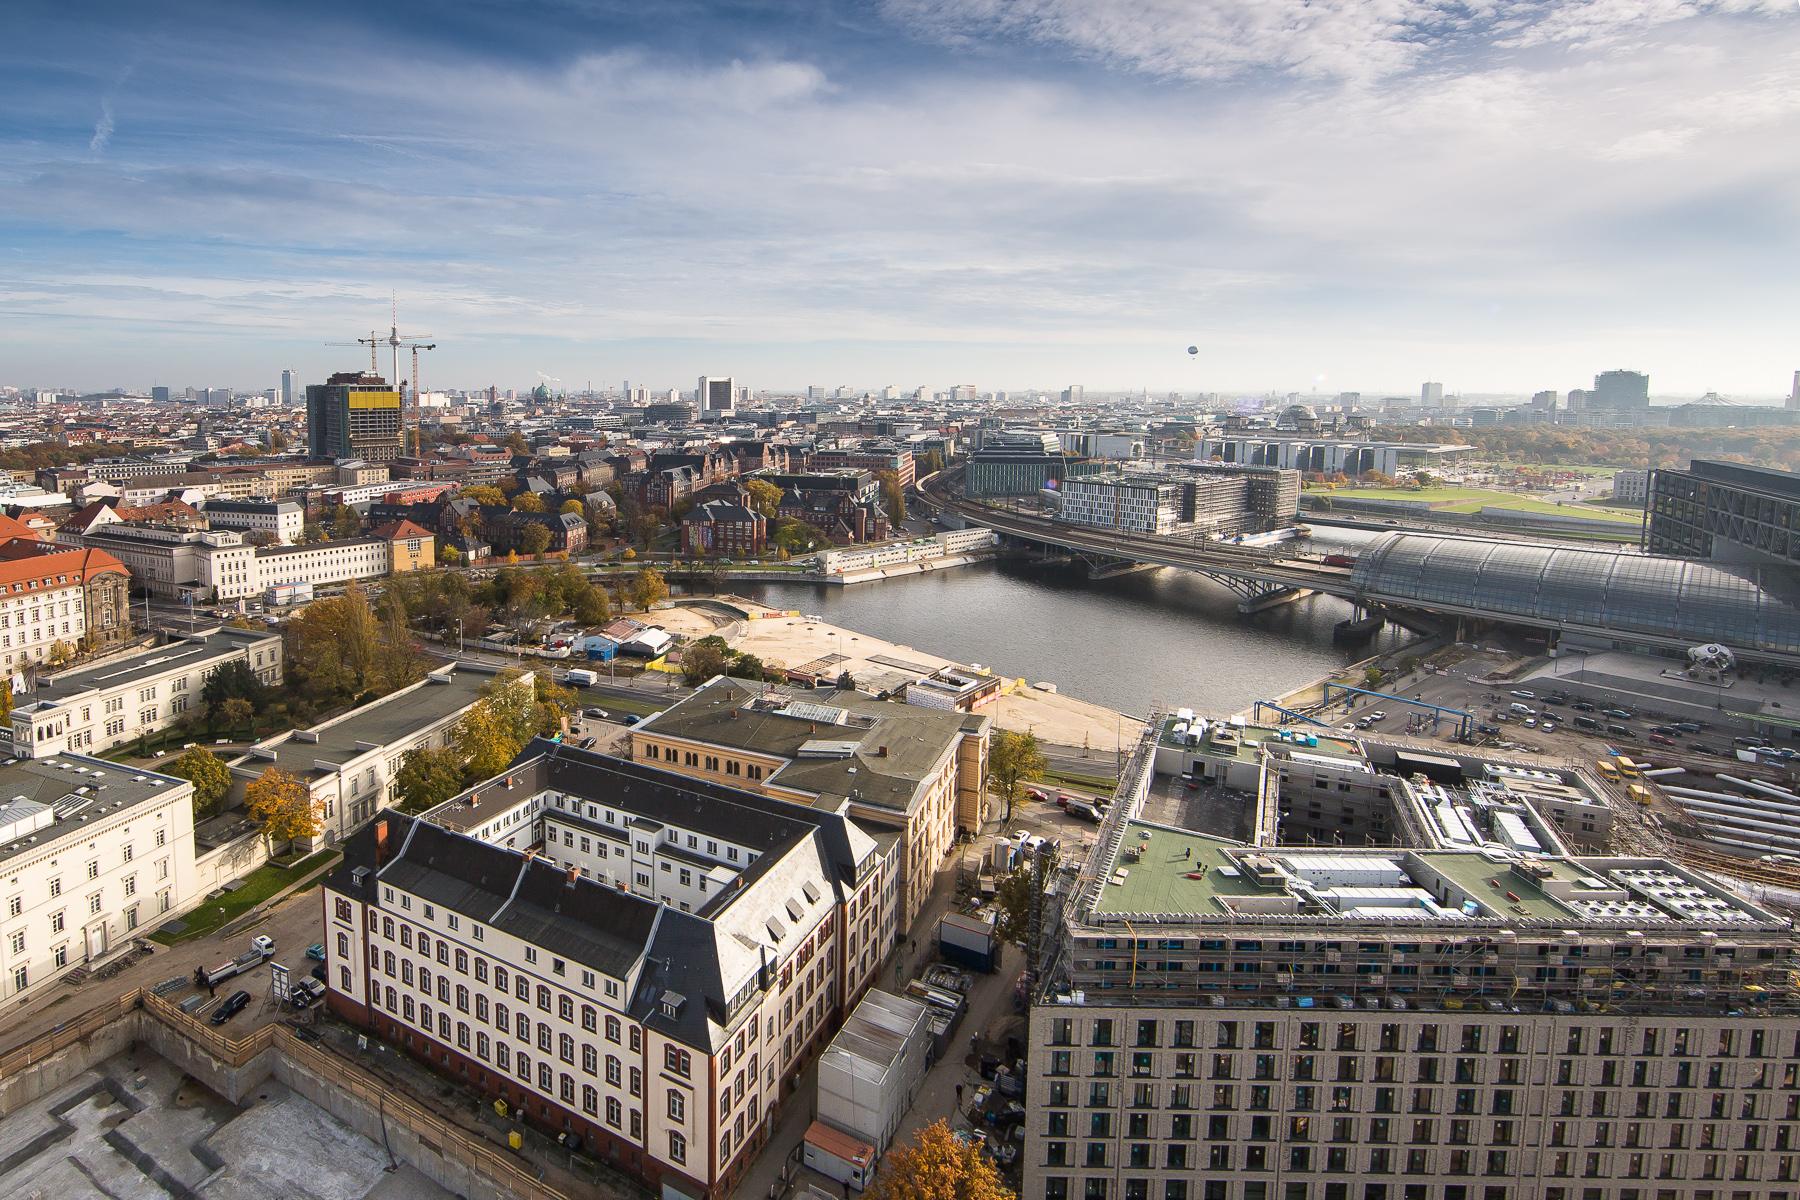 002_©manuel-frauendorf-fotografie_panoramafotograf_berlin_germany_phone_004917623178911_IMG_9880